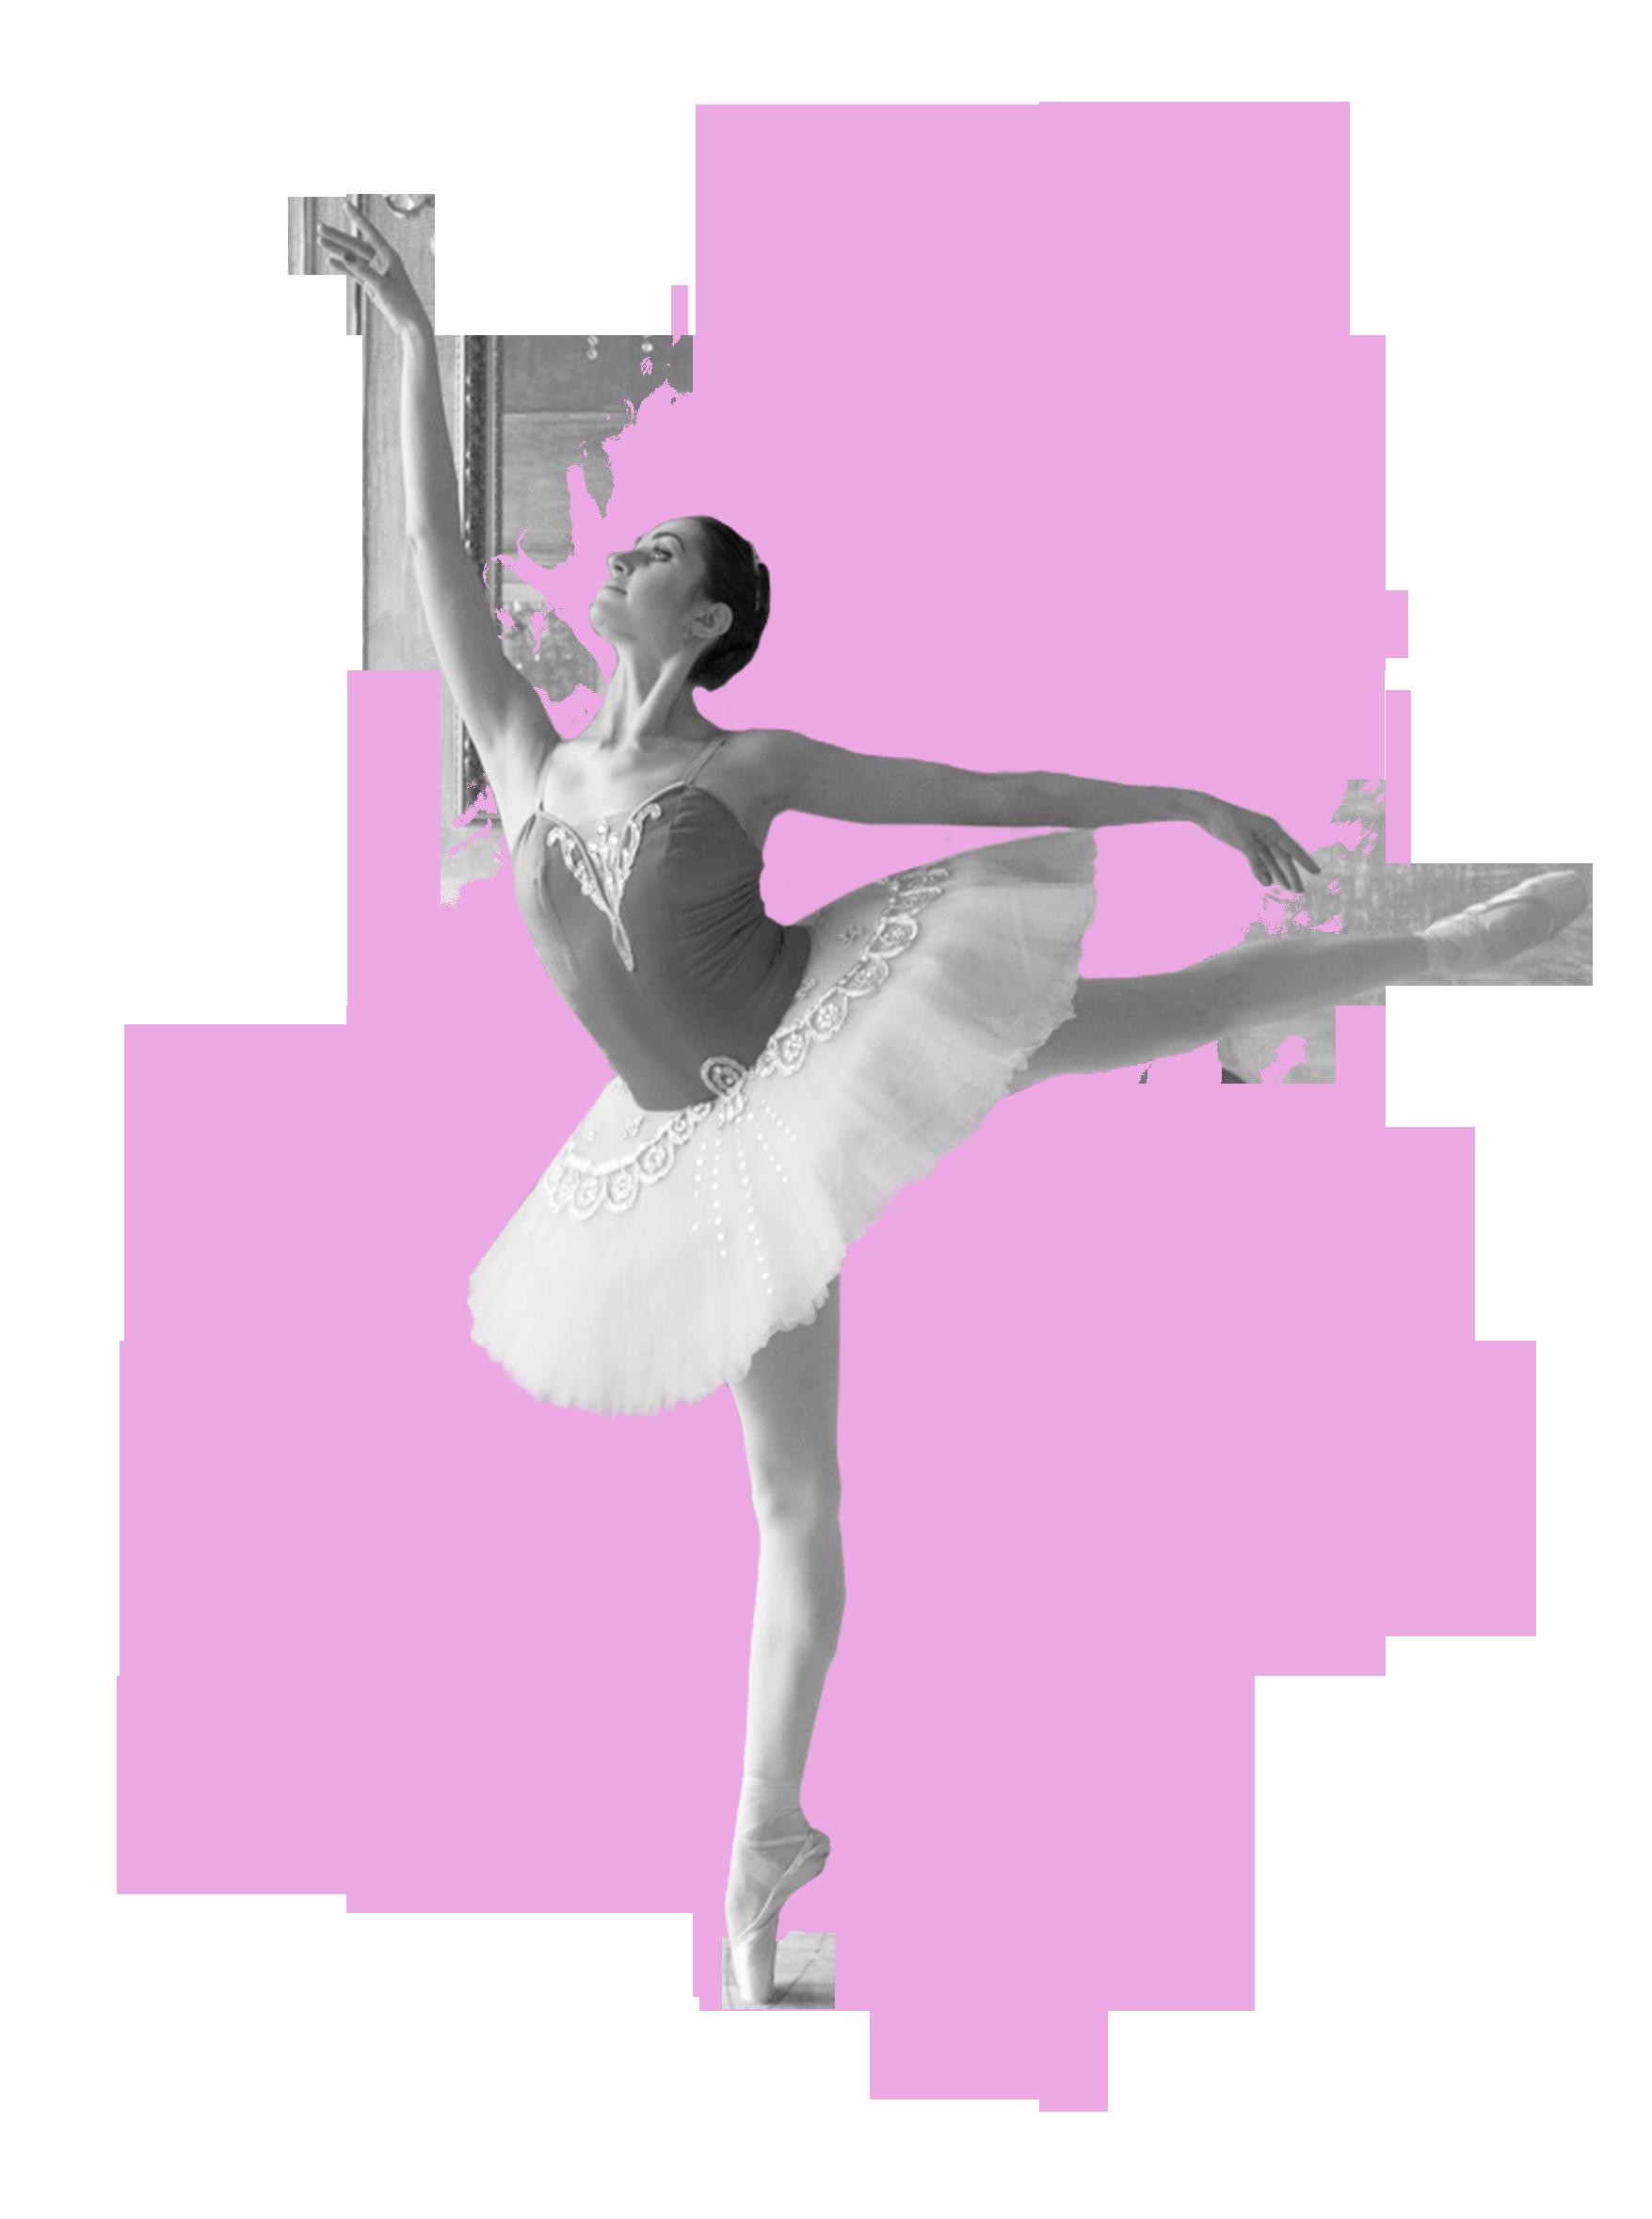 Ballet dancer PNG images free download.